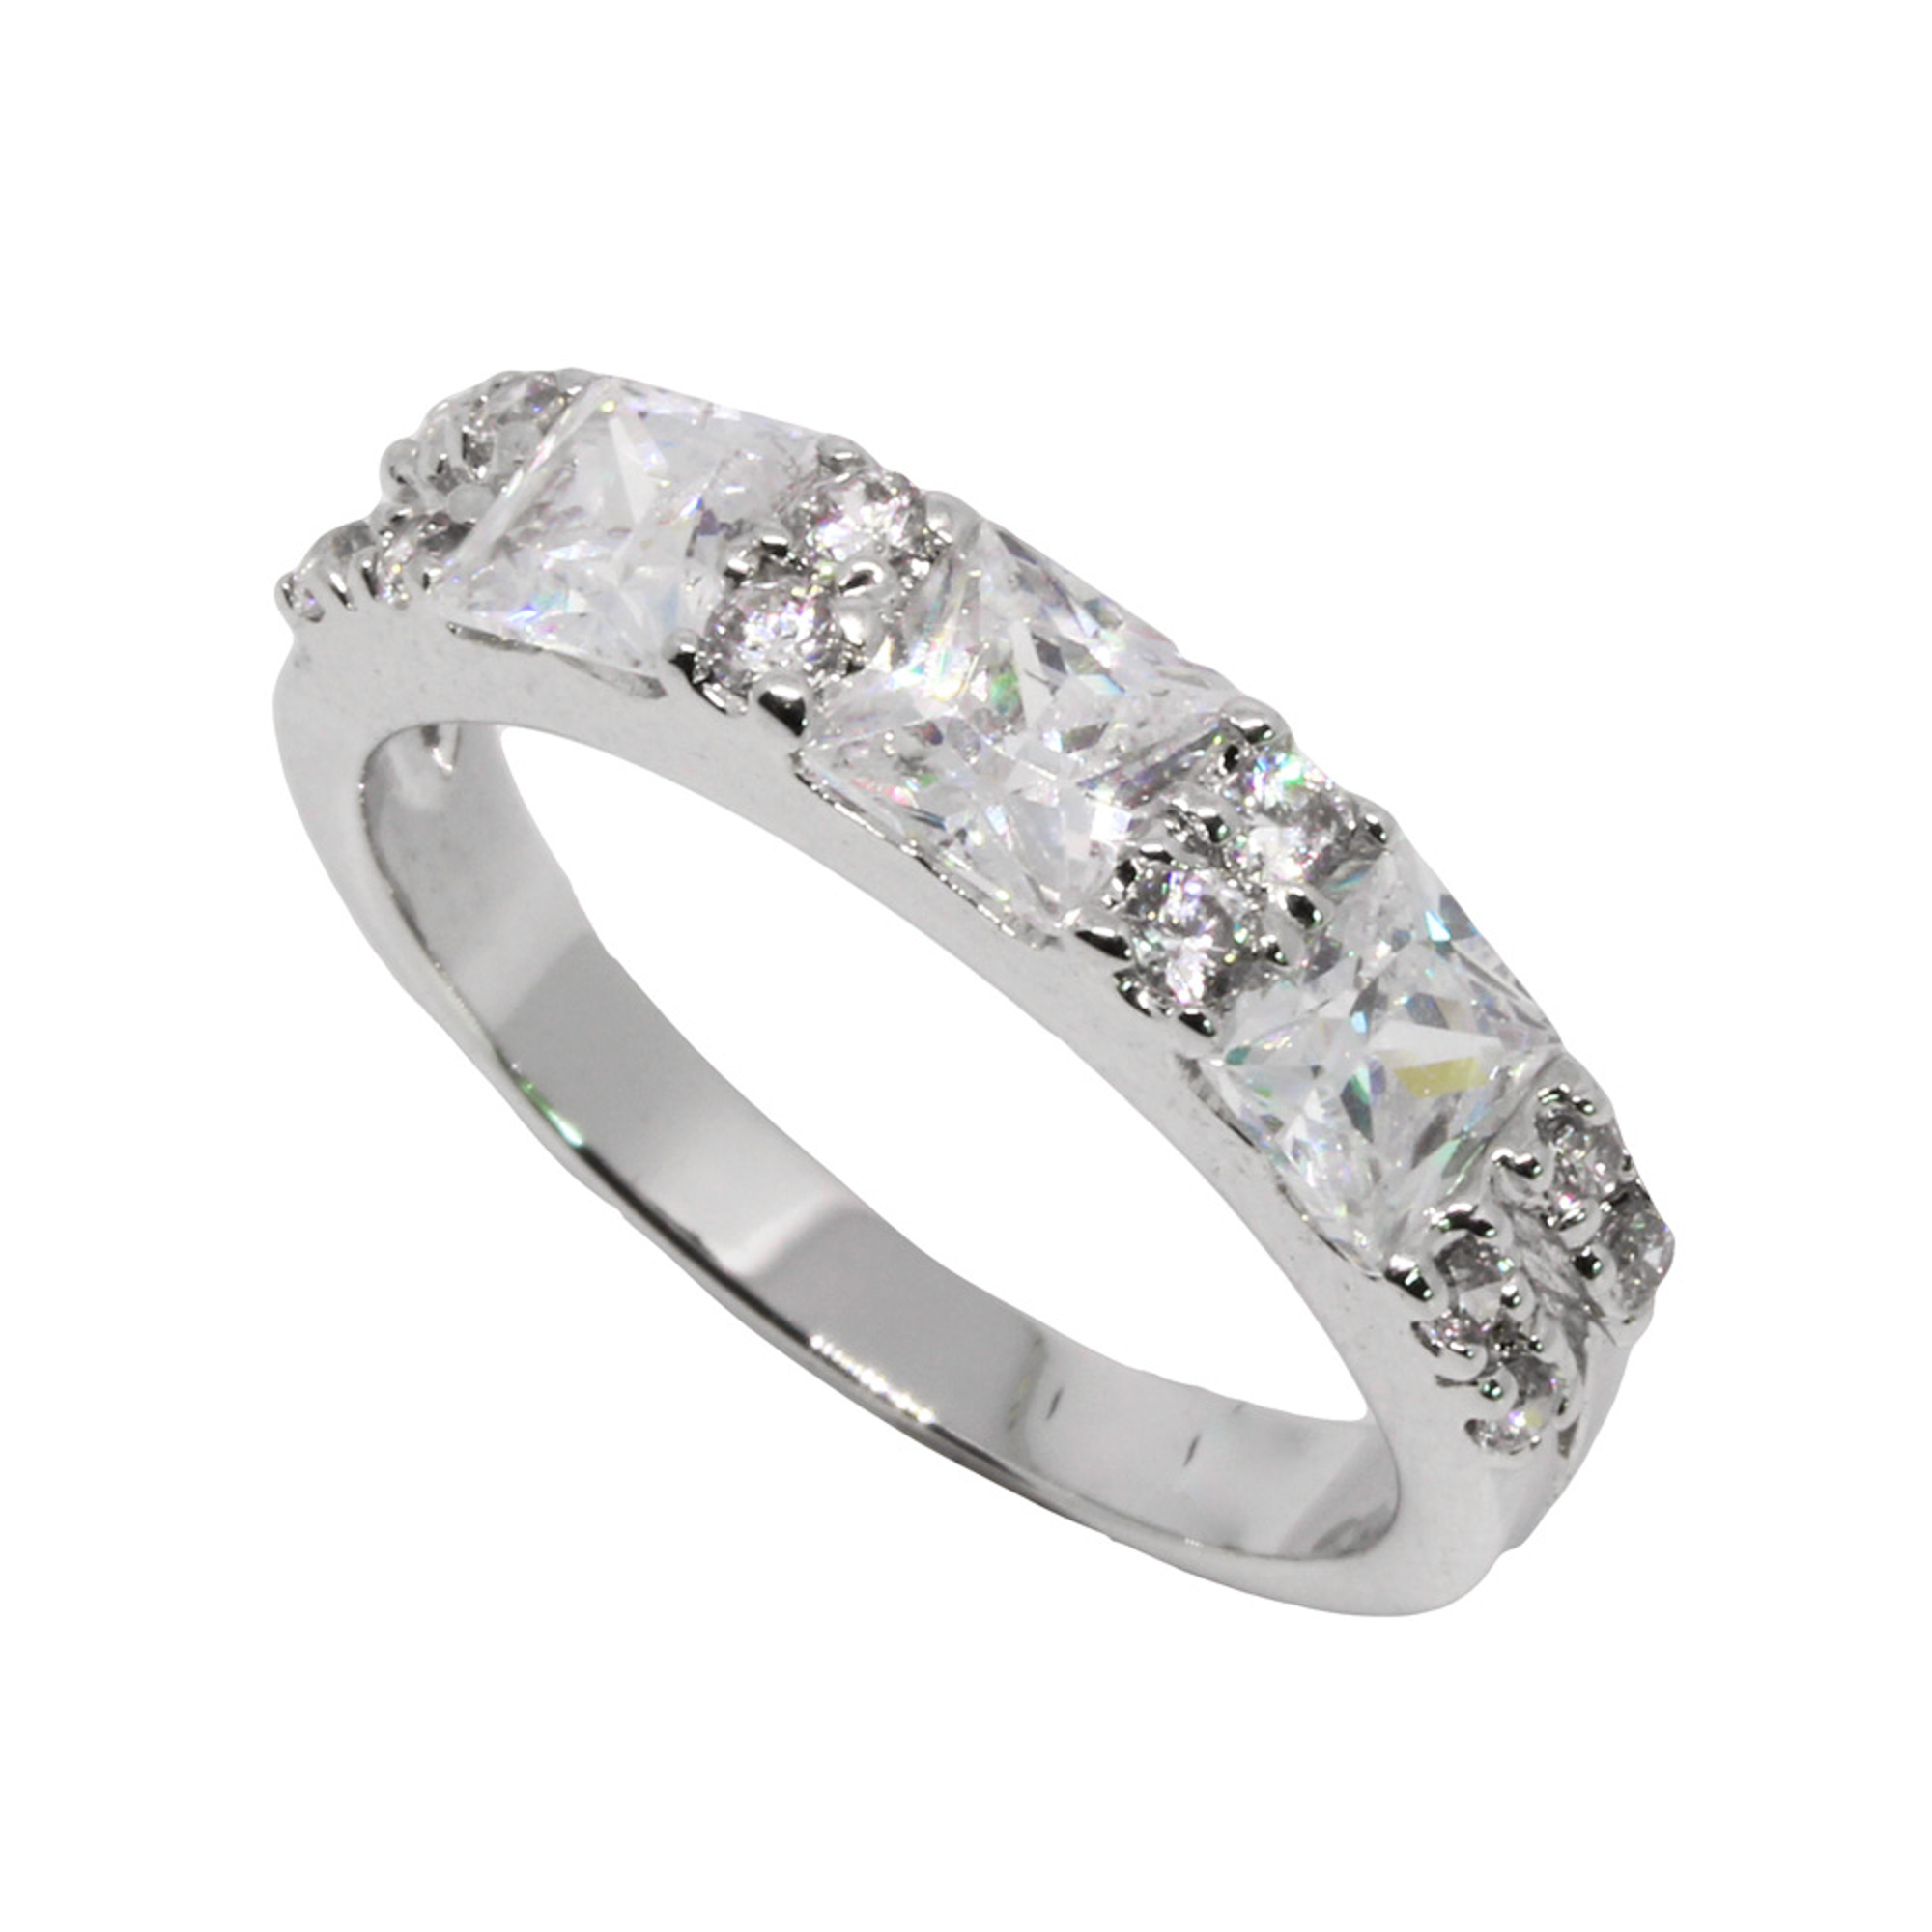 แหวนเพชรCZ หุ้มทองคำขาวแท้ ไซส์ 50